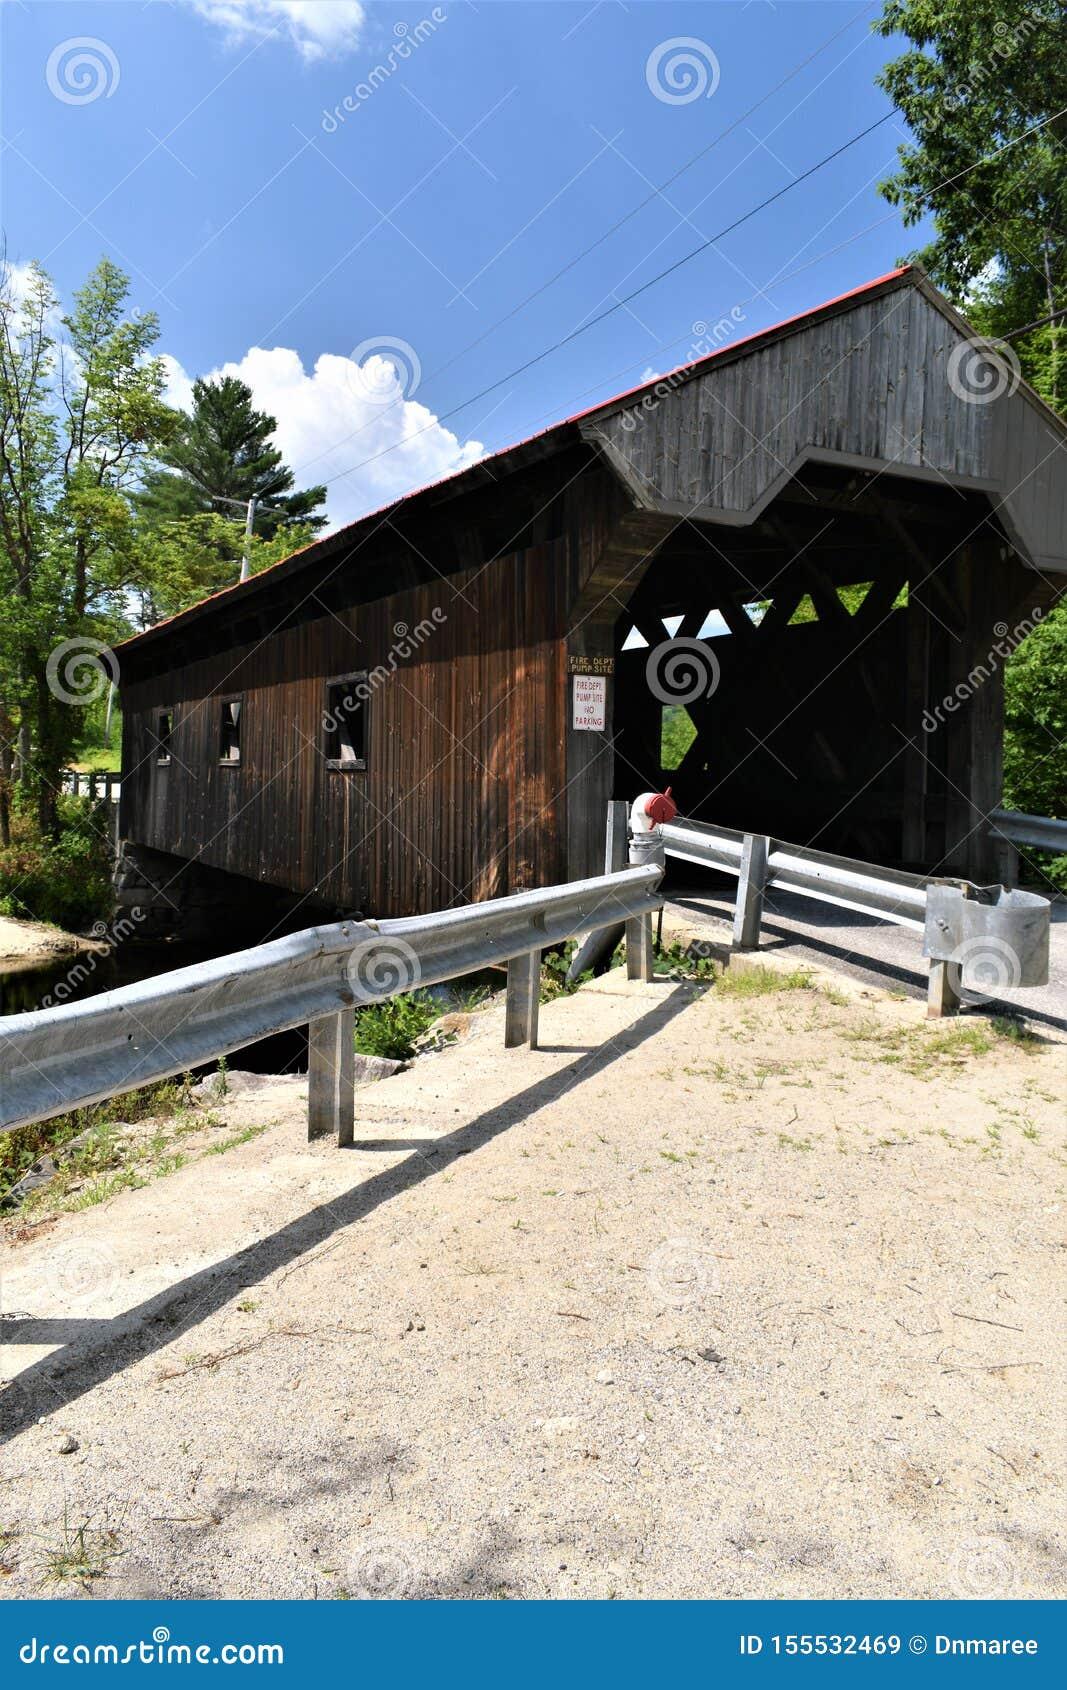 Waterloo-überdachte Brücke, Stadt von Warner, Merrimack County, New Hampshire, Vereinigte Staaten, Neu-England